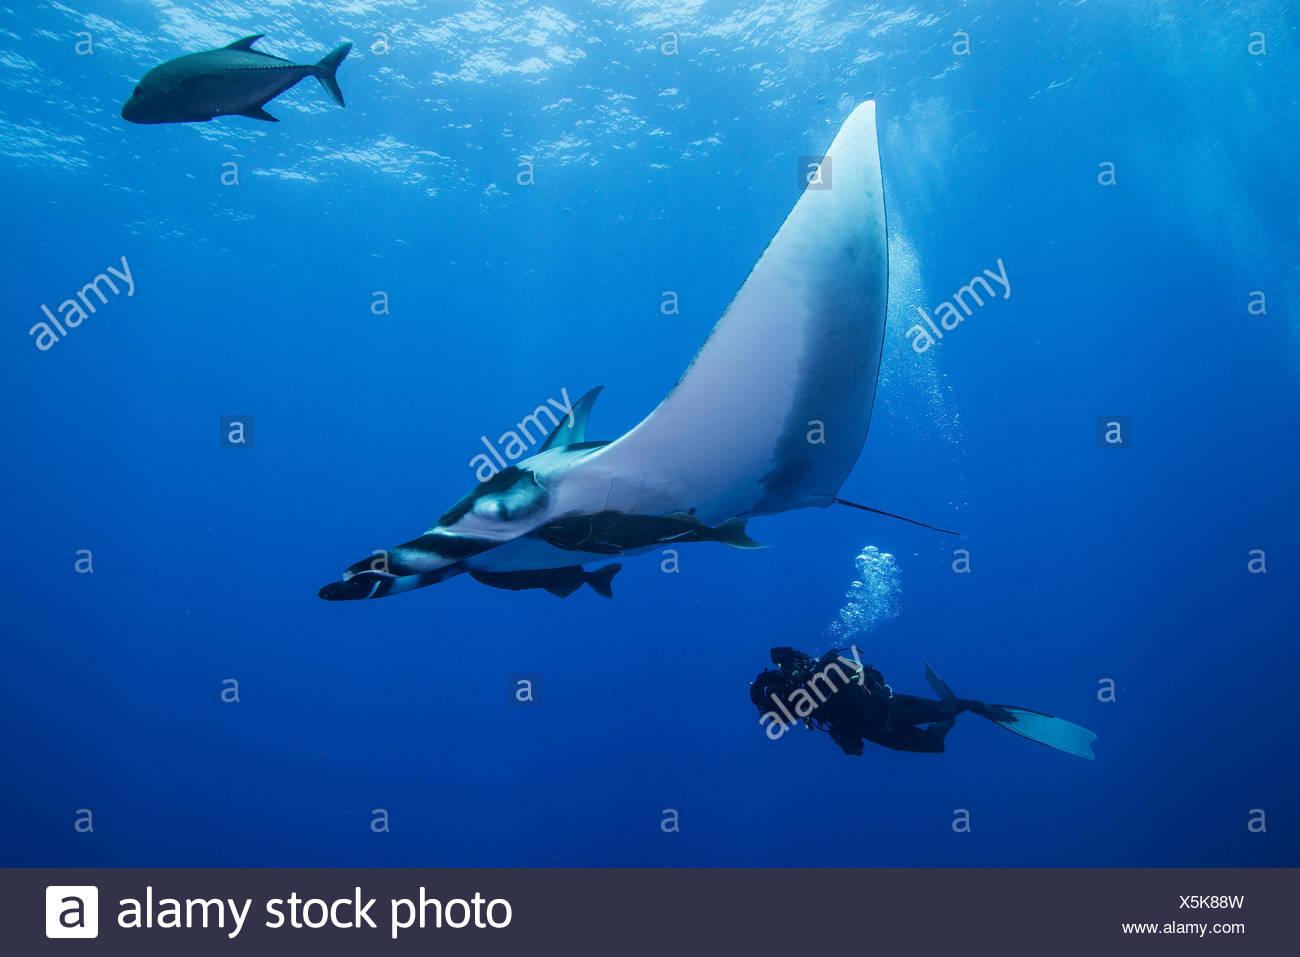 Plongée sous marine natation avec raie Manta géante (Manta birostris), vue sous-marine, San Benedicto, Colima, Mexique Banque D'Images